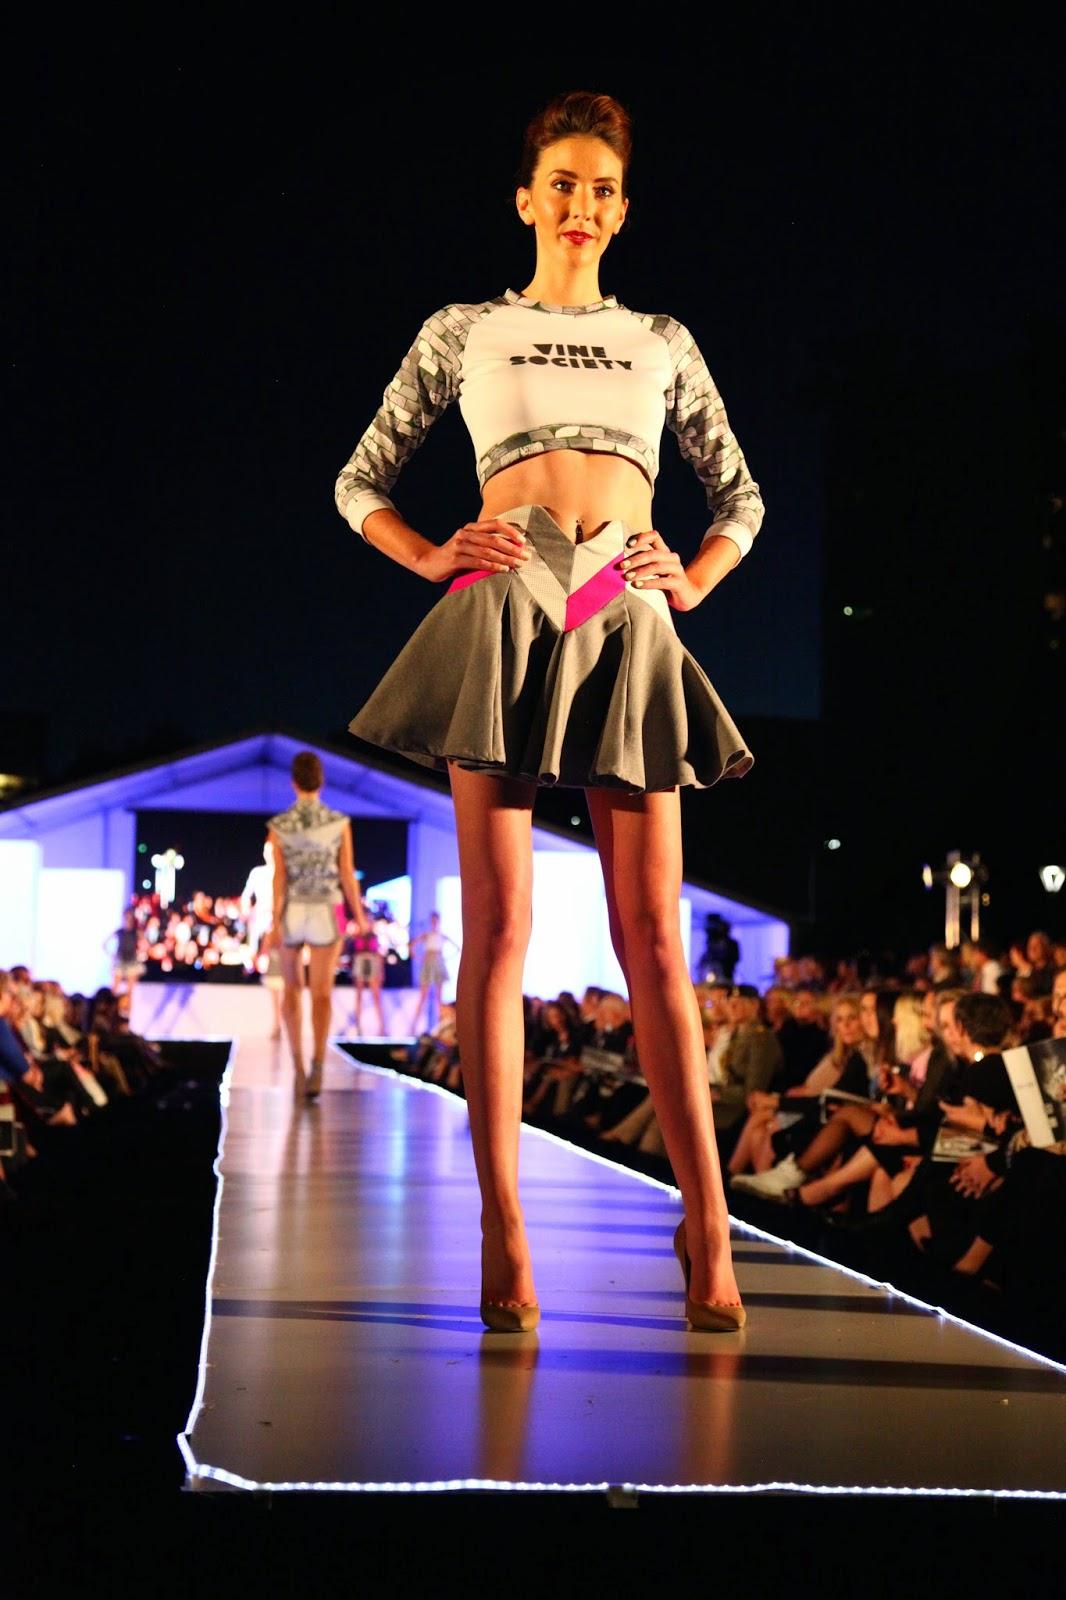 Social Activities - MG Car Club of South Australia Tafe sa fashion parade